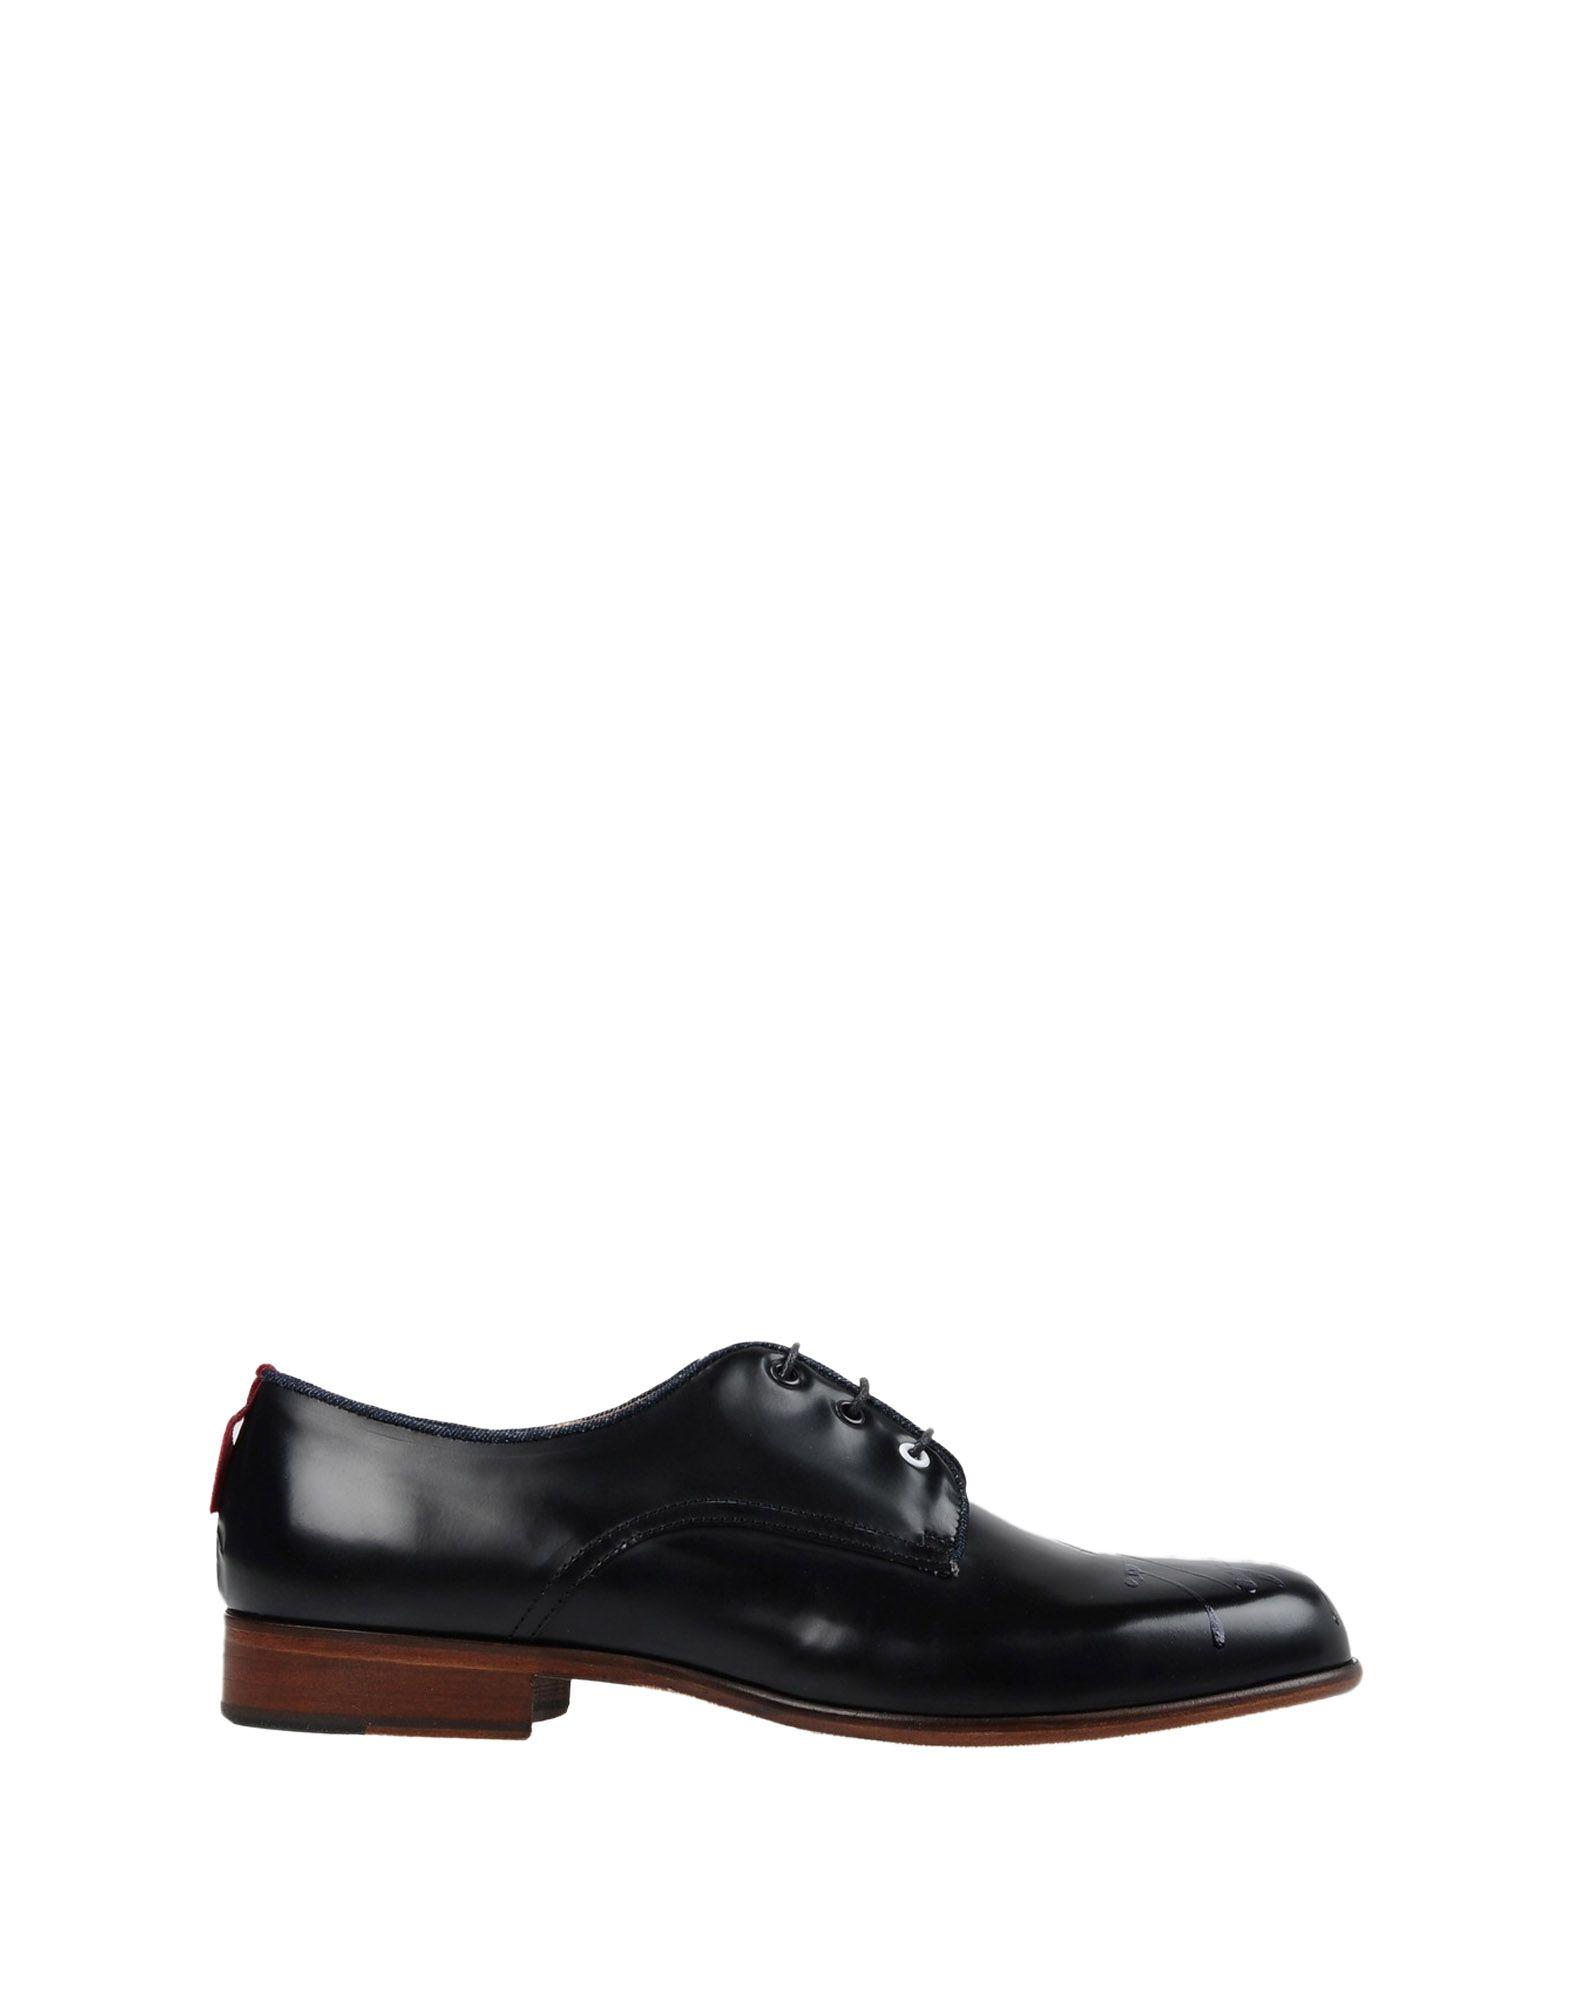 CHAUSSURES - Chaussures à lacetsATTIMONELLIS y4us0uQdZ